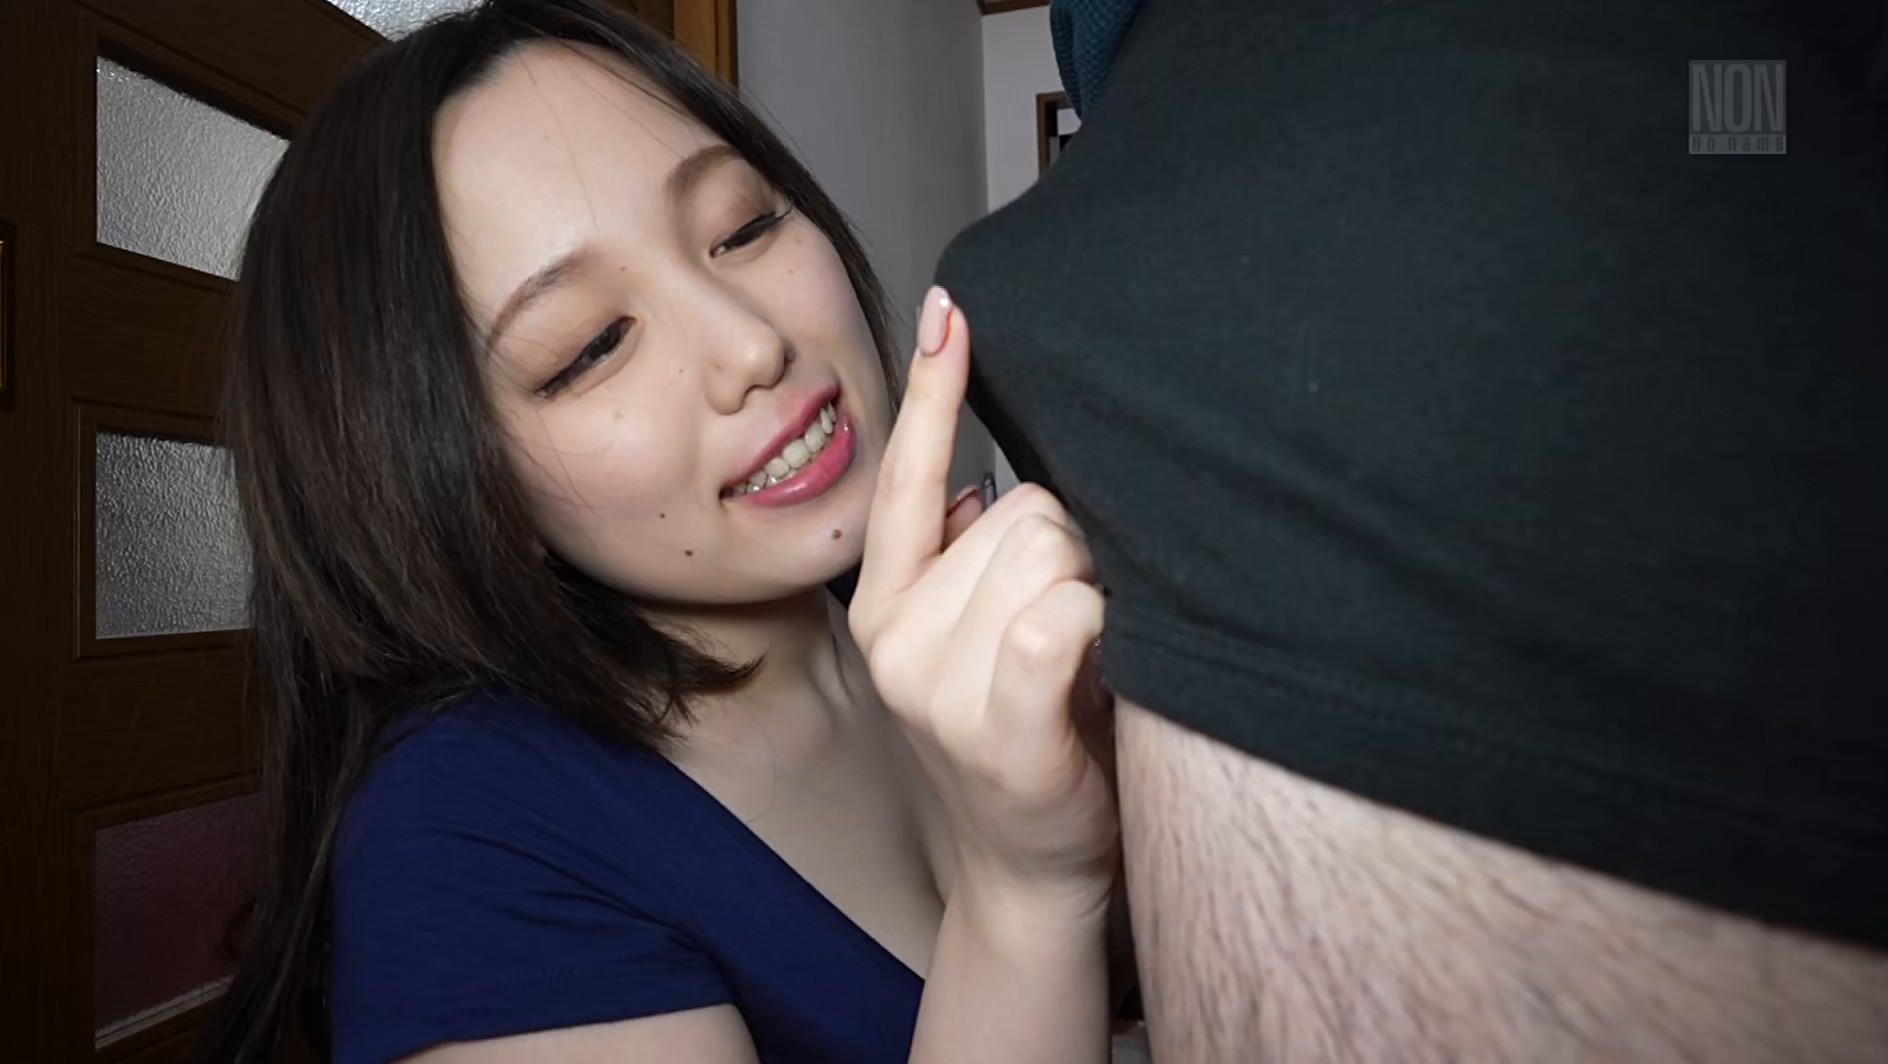 早熟な肉妻の匂い 田中ねね 画像2